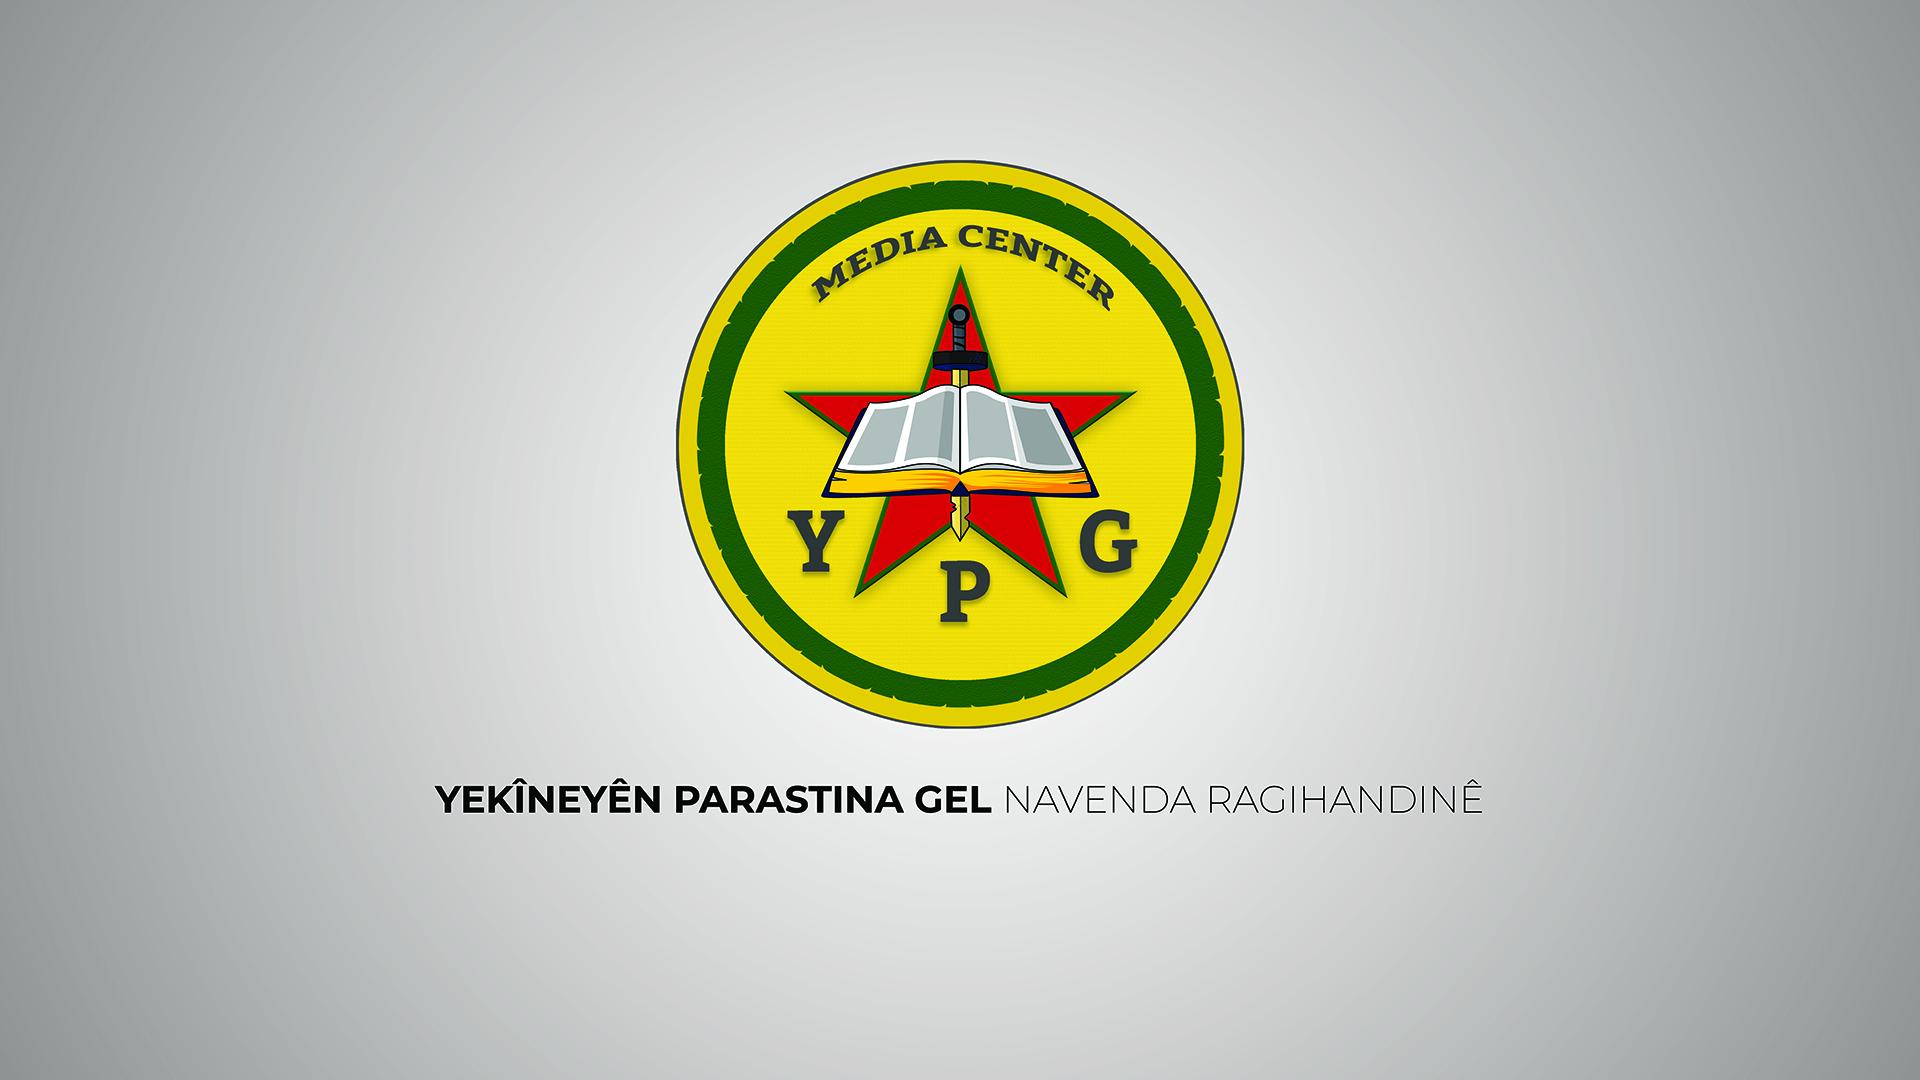 Photo of YPG'Ê BÎLANÇOYA MEHÊN SIBAT Û ADARÊ EŞKERE KIR 23 ÇETE HATINE KUŞTIN Û HEZAR 554 JÎ HATINE GIRTIN